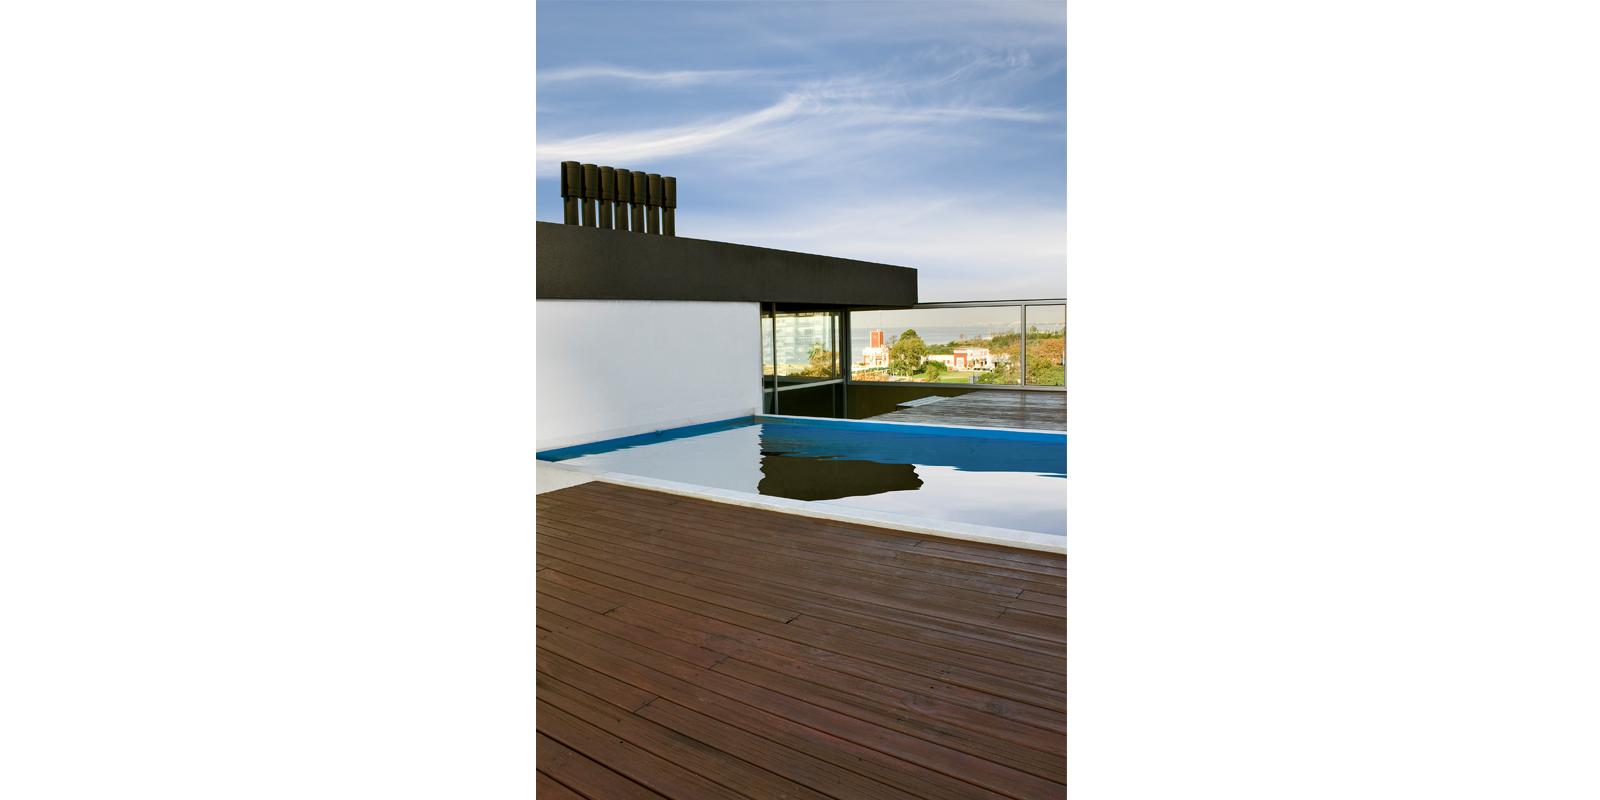 ProyectoC_Arquitectos_Portfolio_07_Alberdi